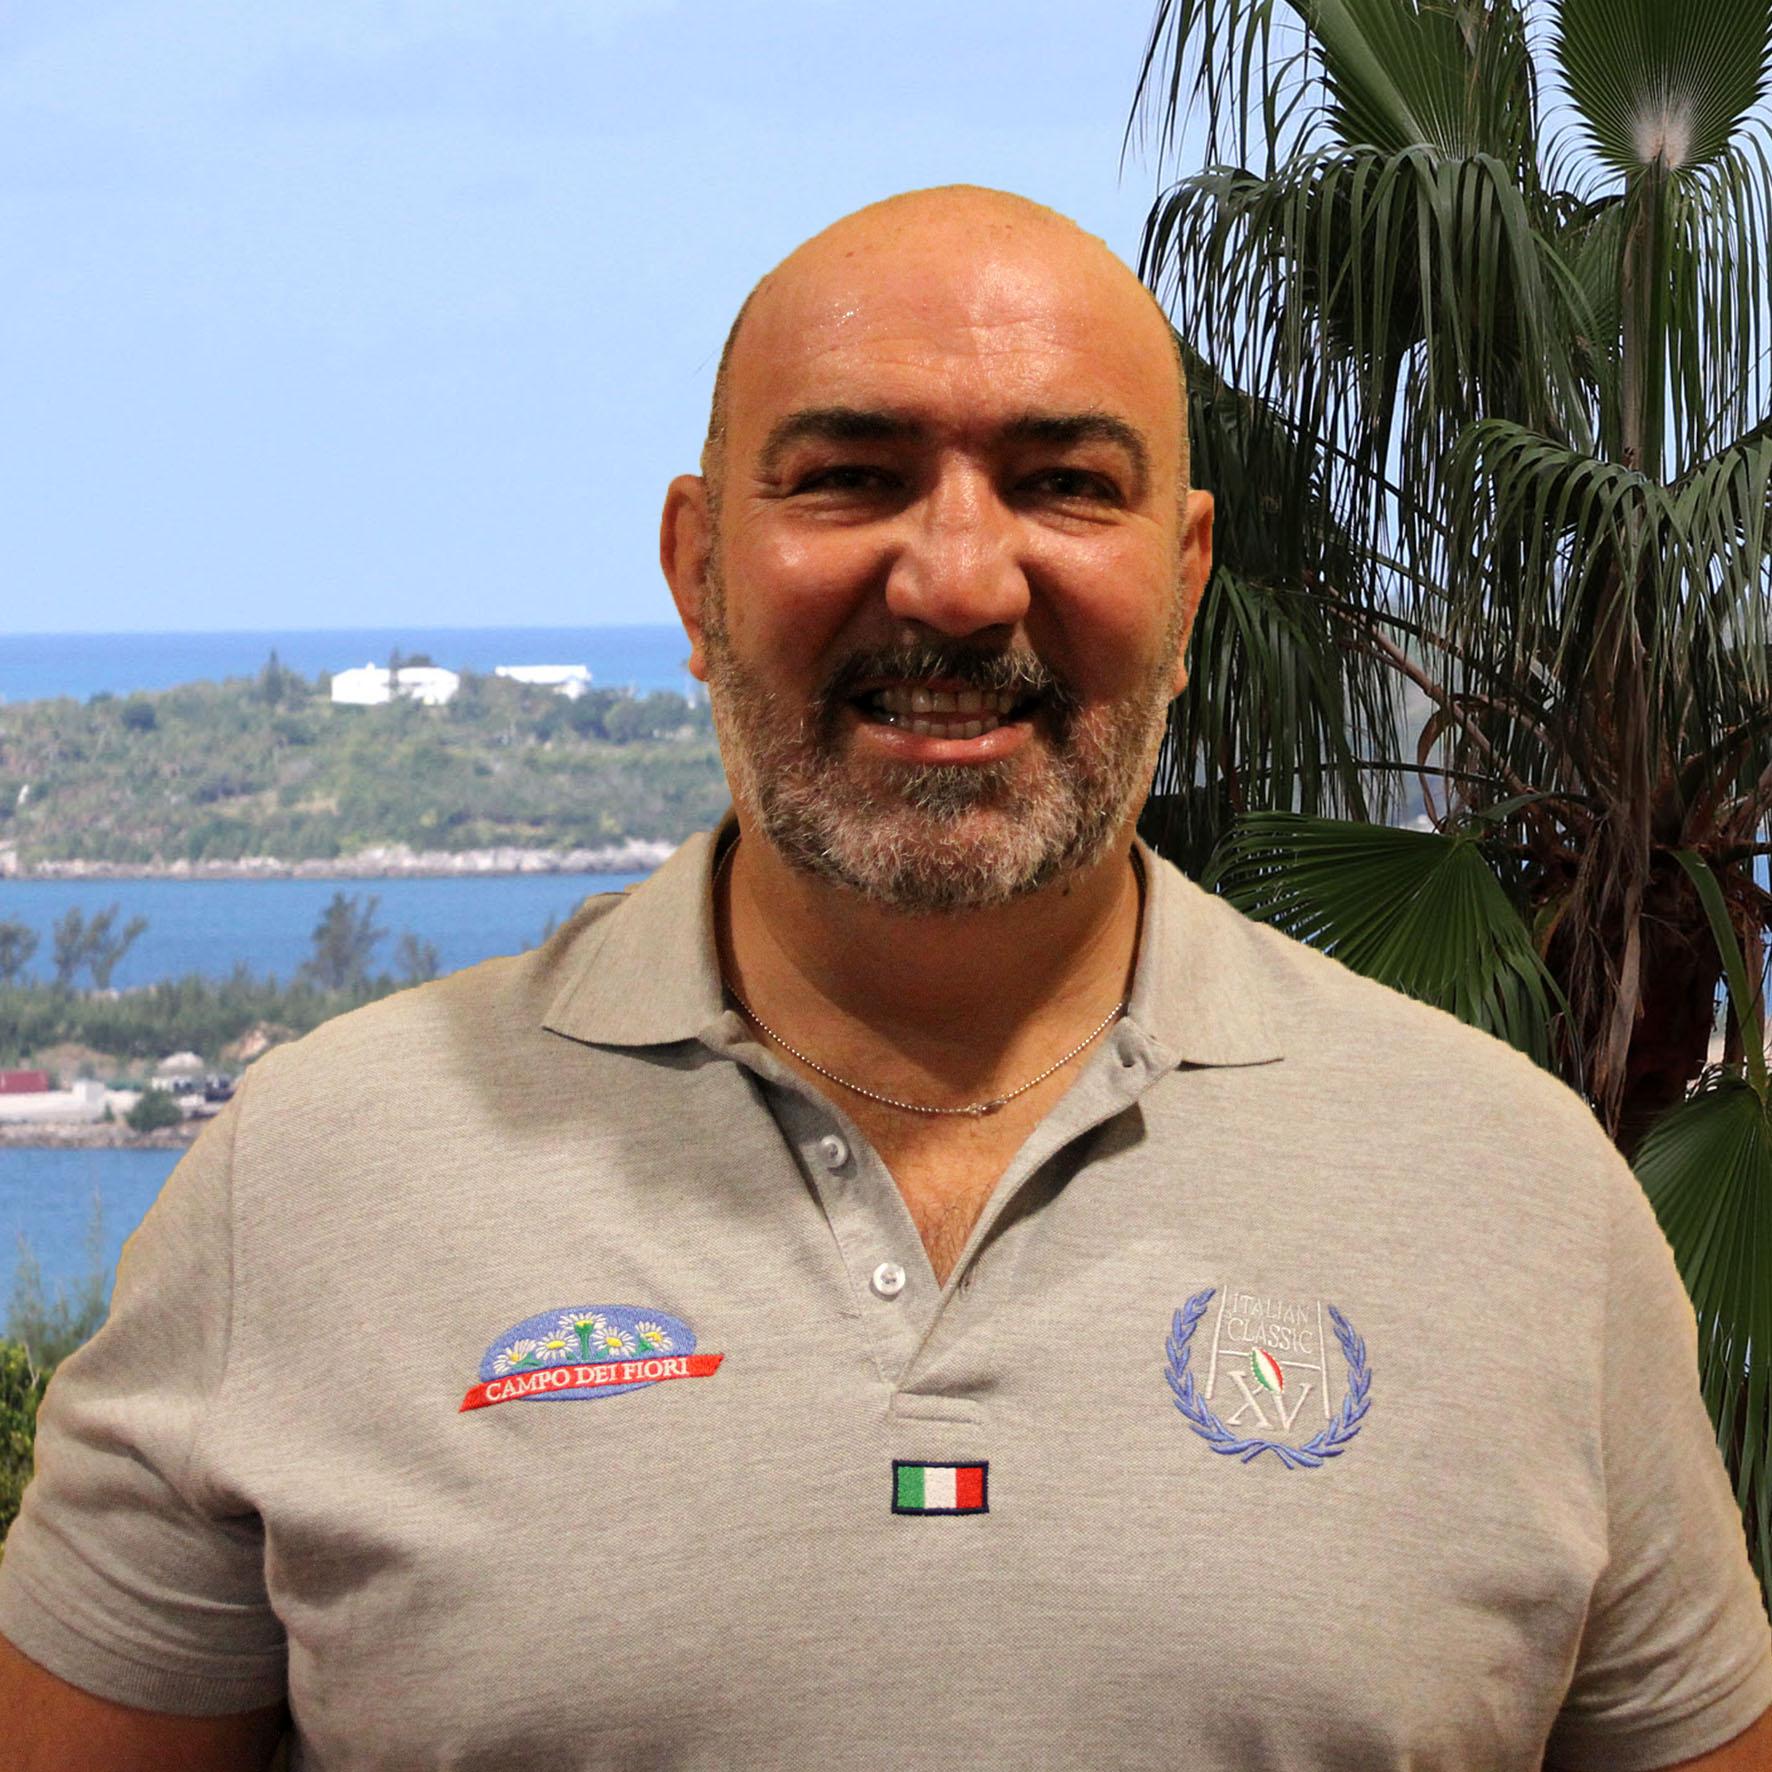 Giuseppe Balasso